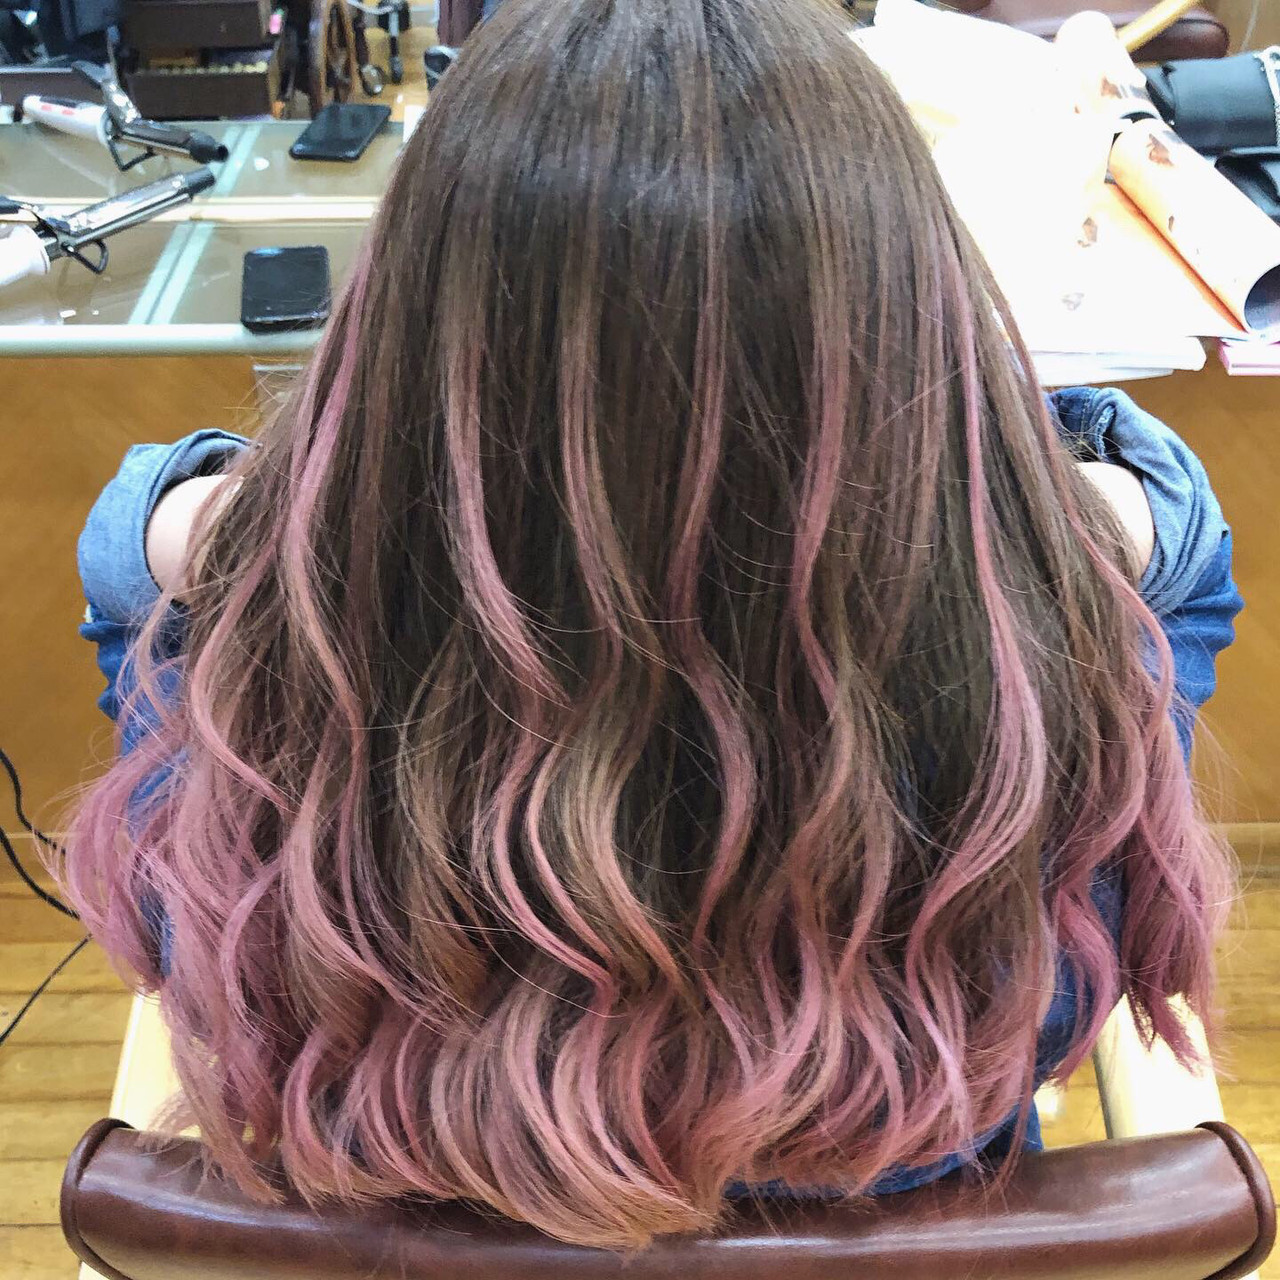 バレイヤージュ セミロング グラデーションカラー ハイライト ヘアスタイルや髪型の写真・画像 | 蝦名貴之 / KINTARO